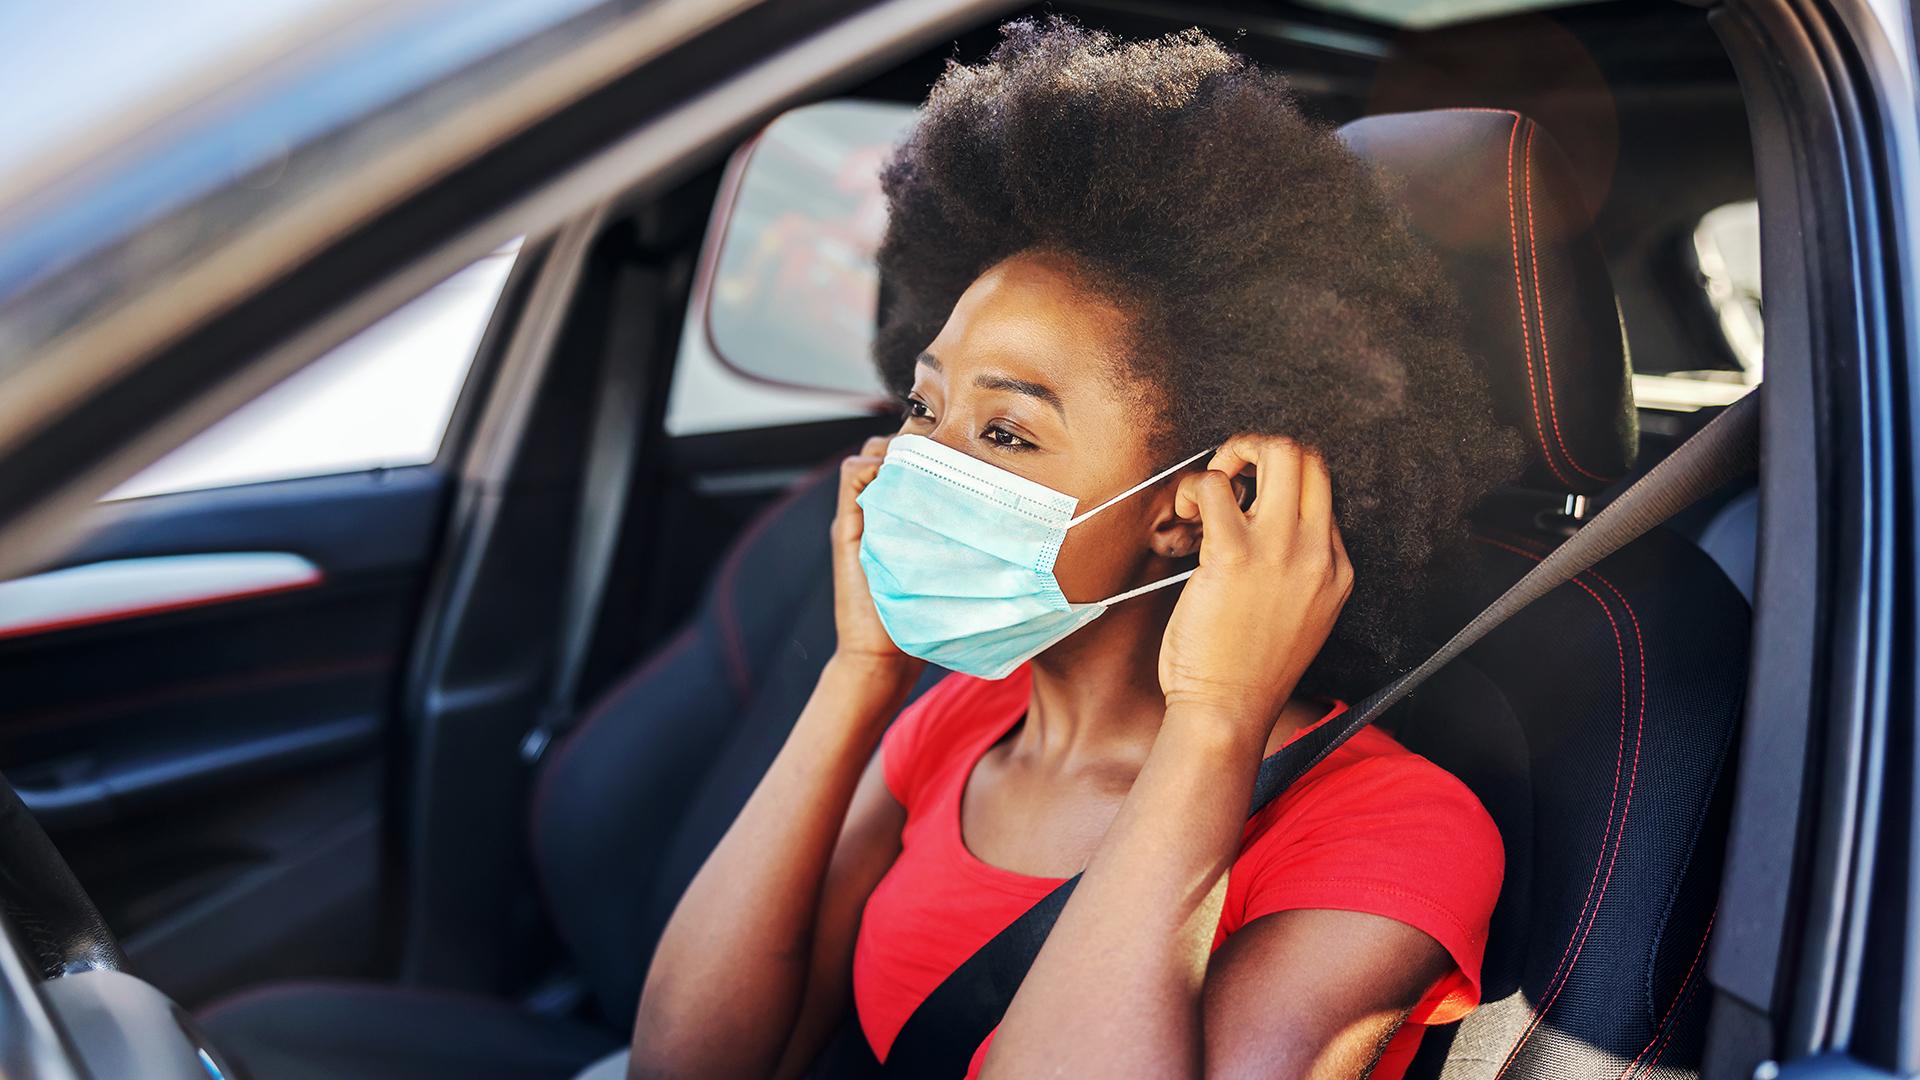 Conoce tus opciones de movilidad en tiempos de pandemia